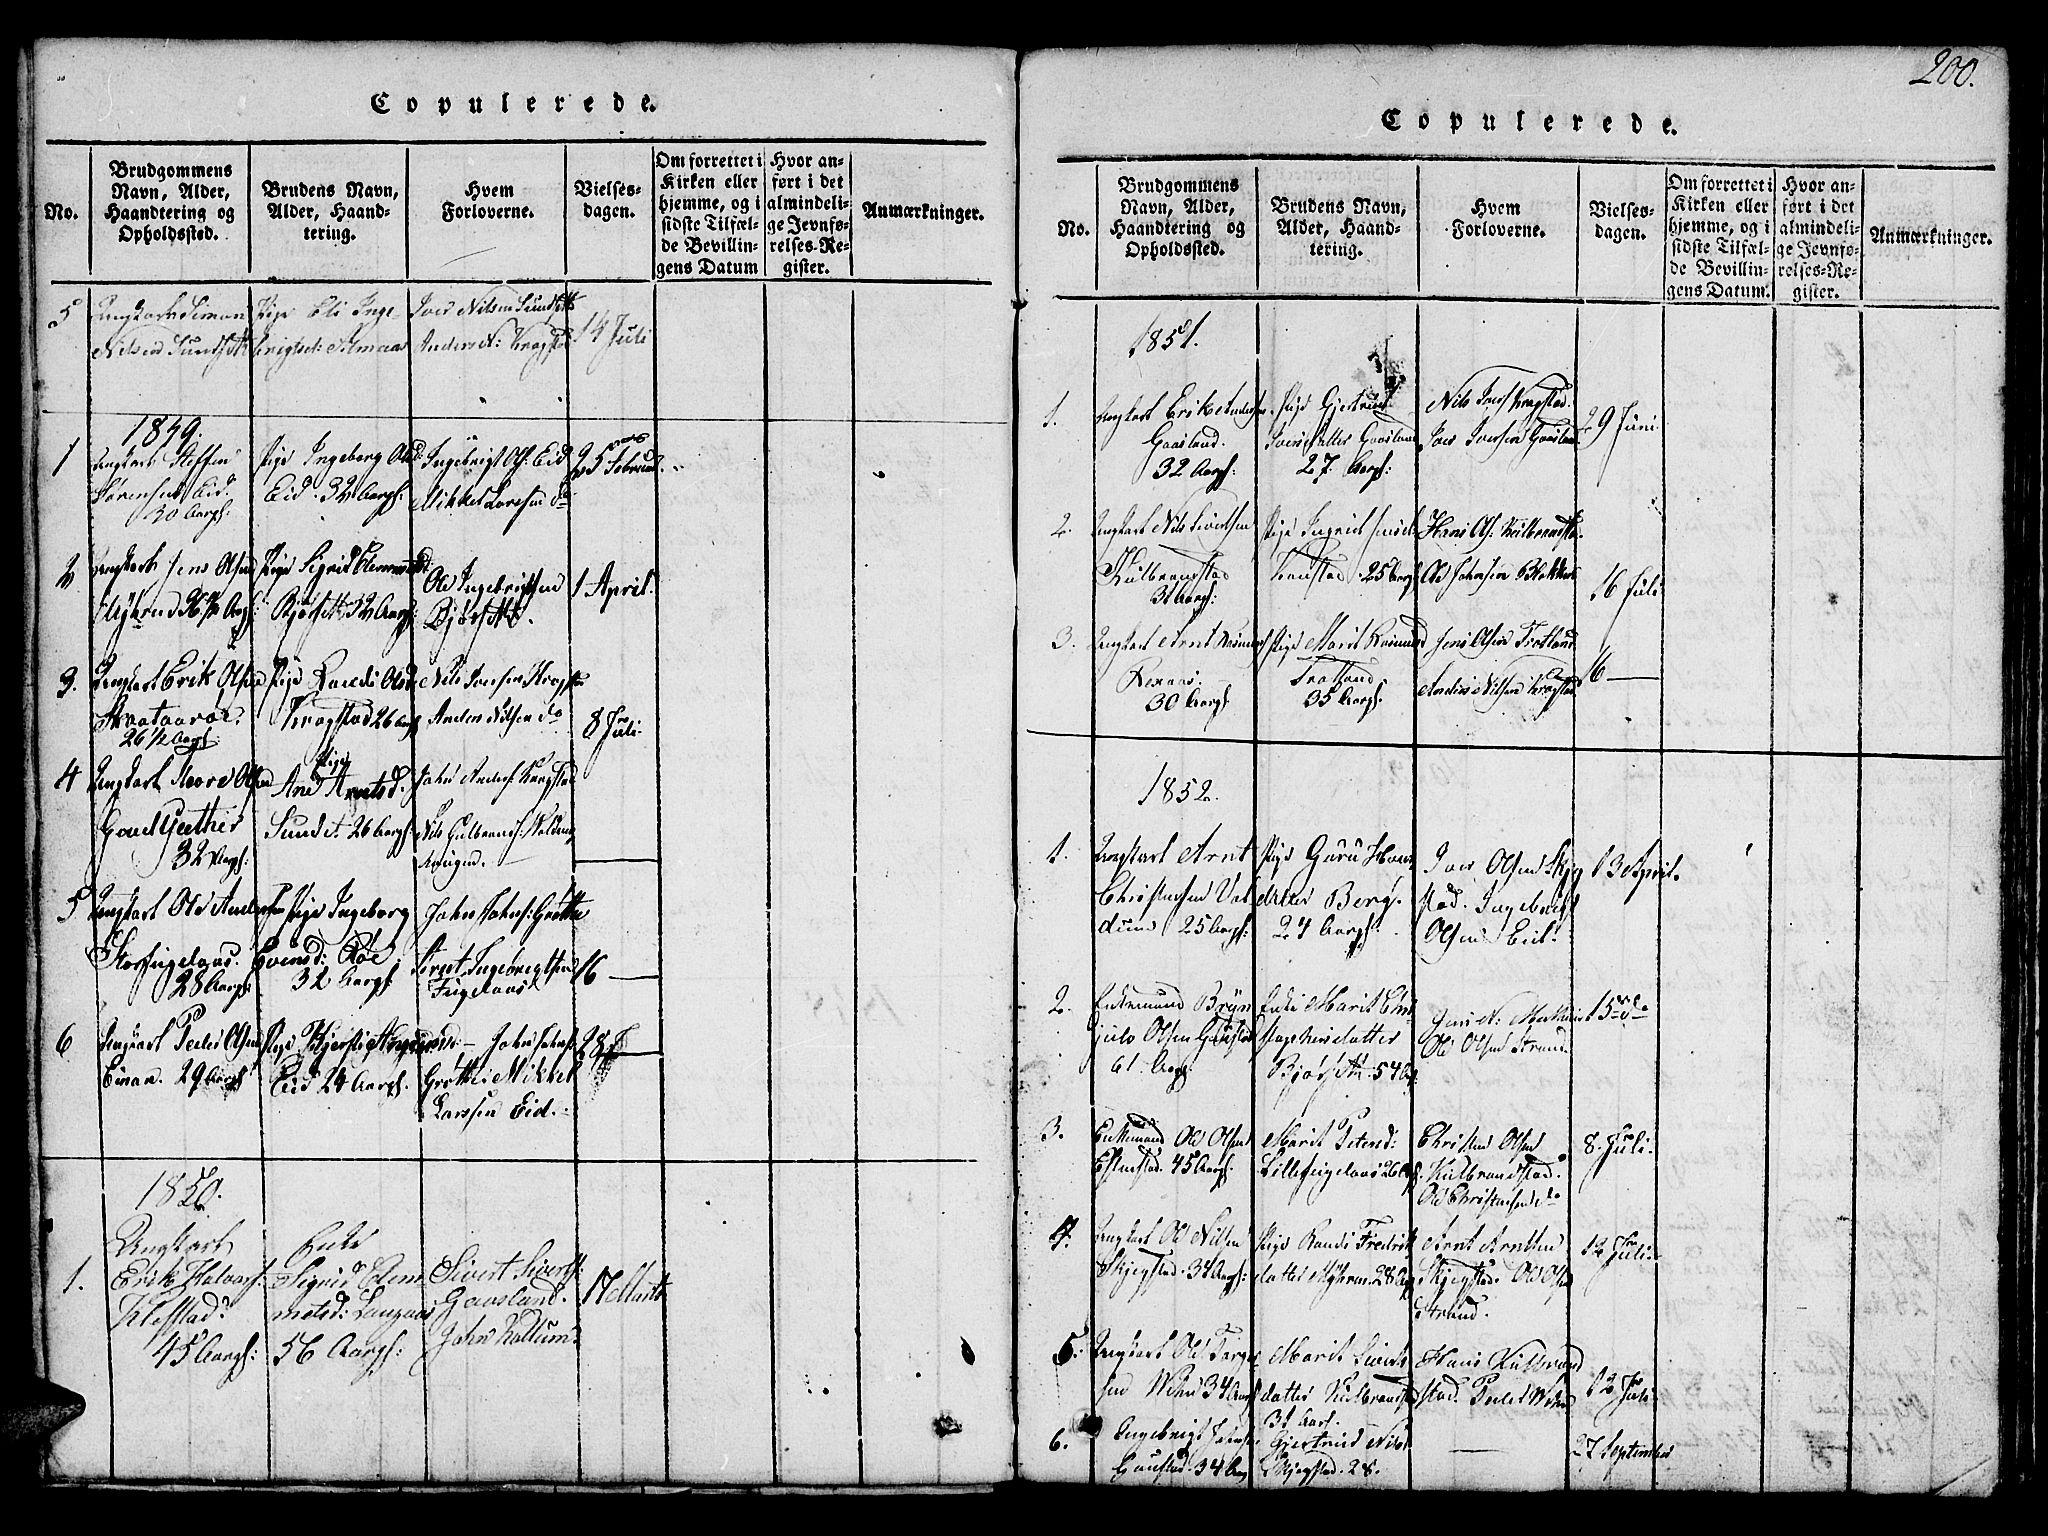 SAT, Ministerialprotokoller, klokkerbøker og fødselsregistre - Sør-Trøndelag, 694/L1130: Klokkerbok nr. 694C02, 1816-1857, s. 200